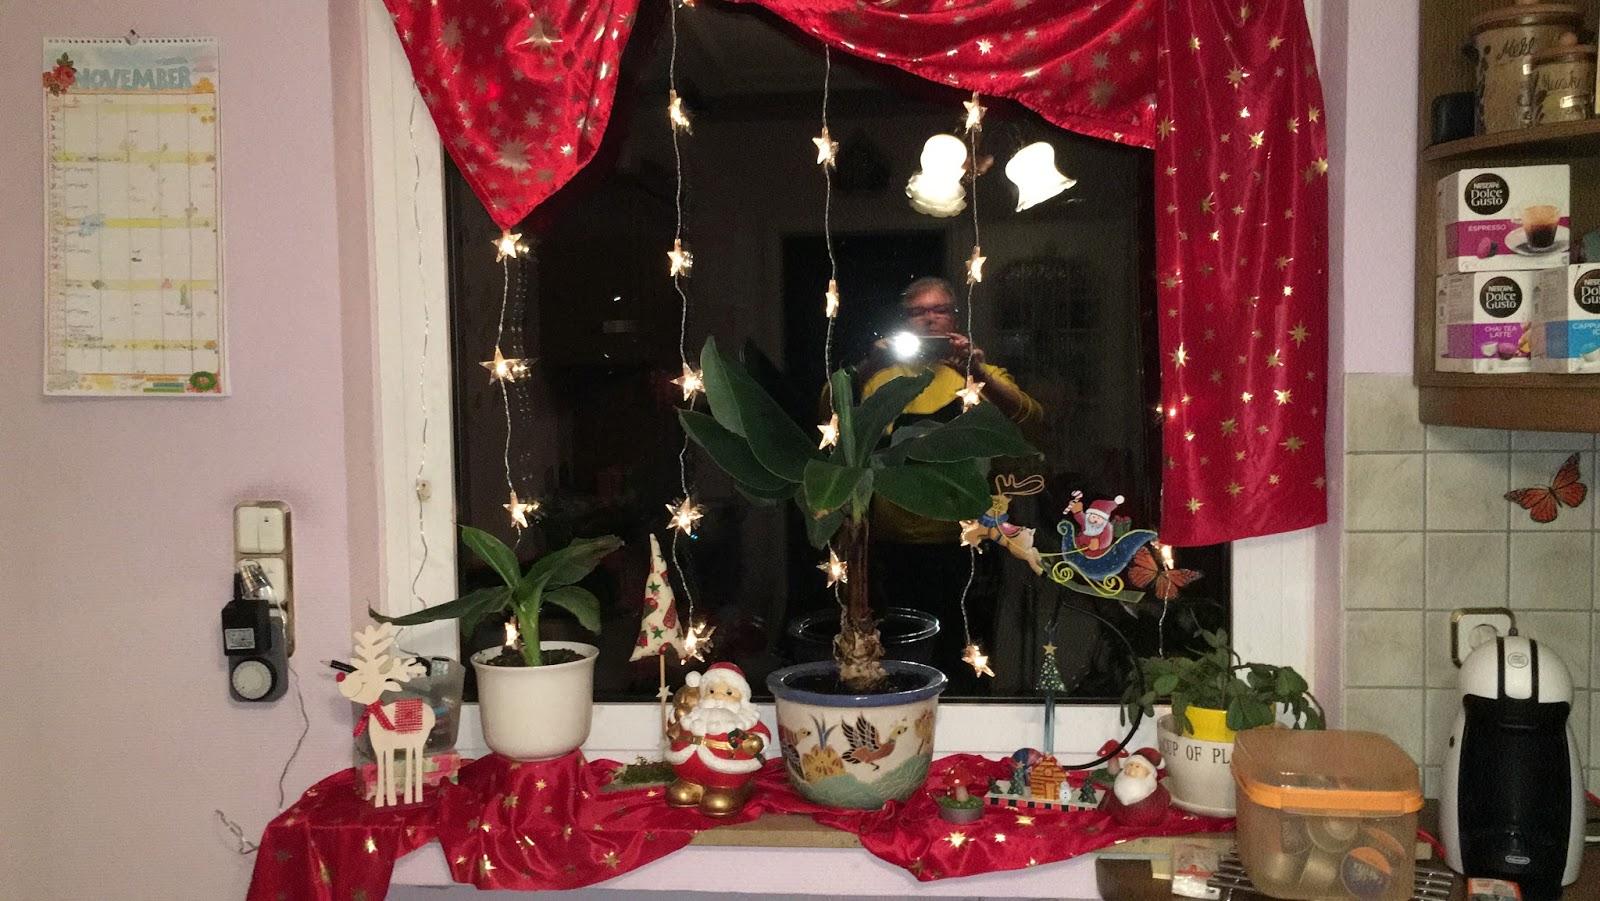 weihnachtsdeko weihnachtskarten und miezi zu besuch. Black Bedroom Furniture Sets. Home Design Ideas